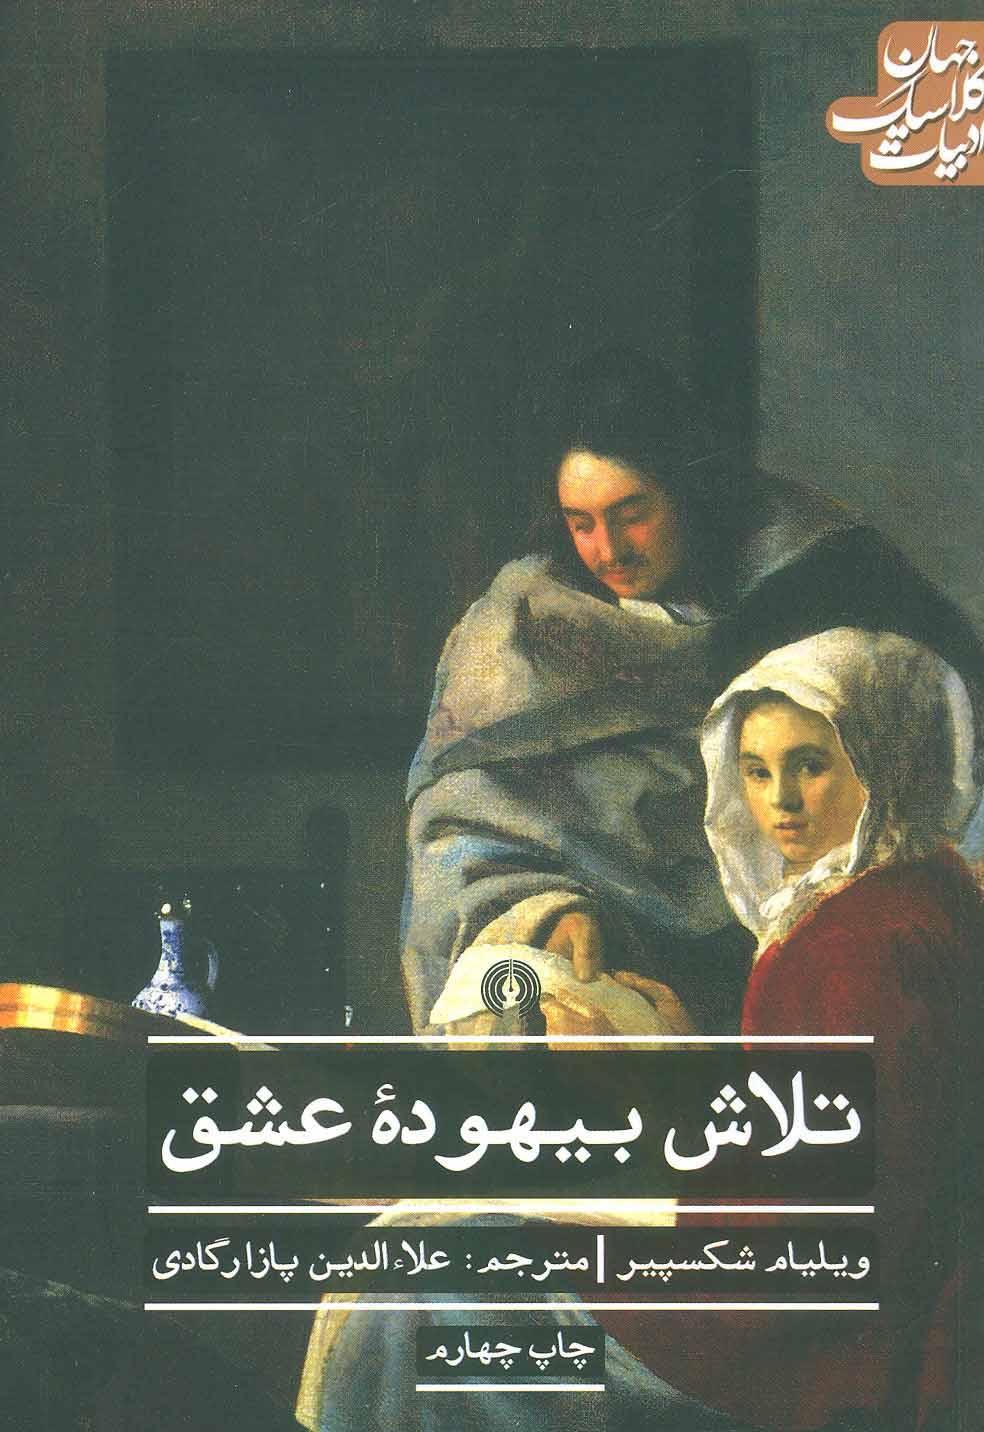 تلاش بیهوده عشق (ادبیات کلاسیک جهان)